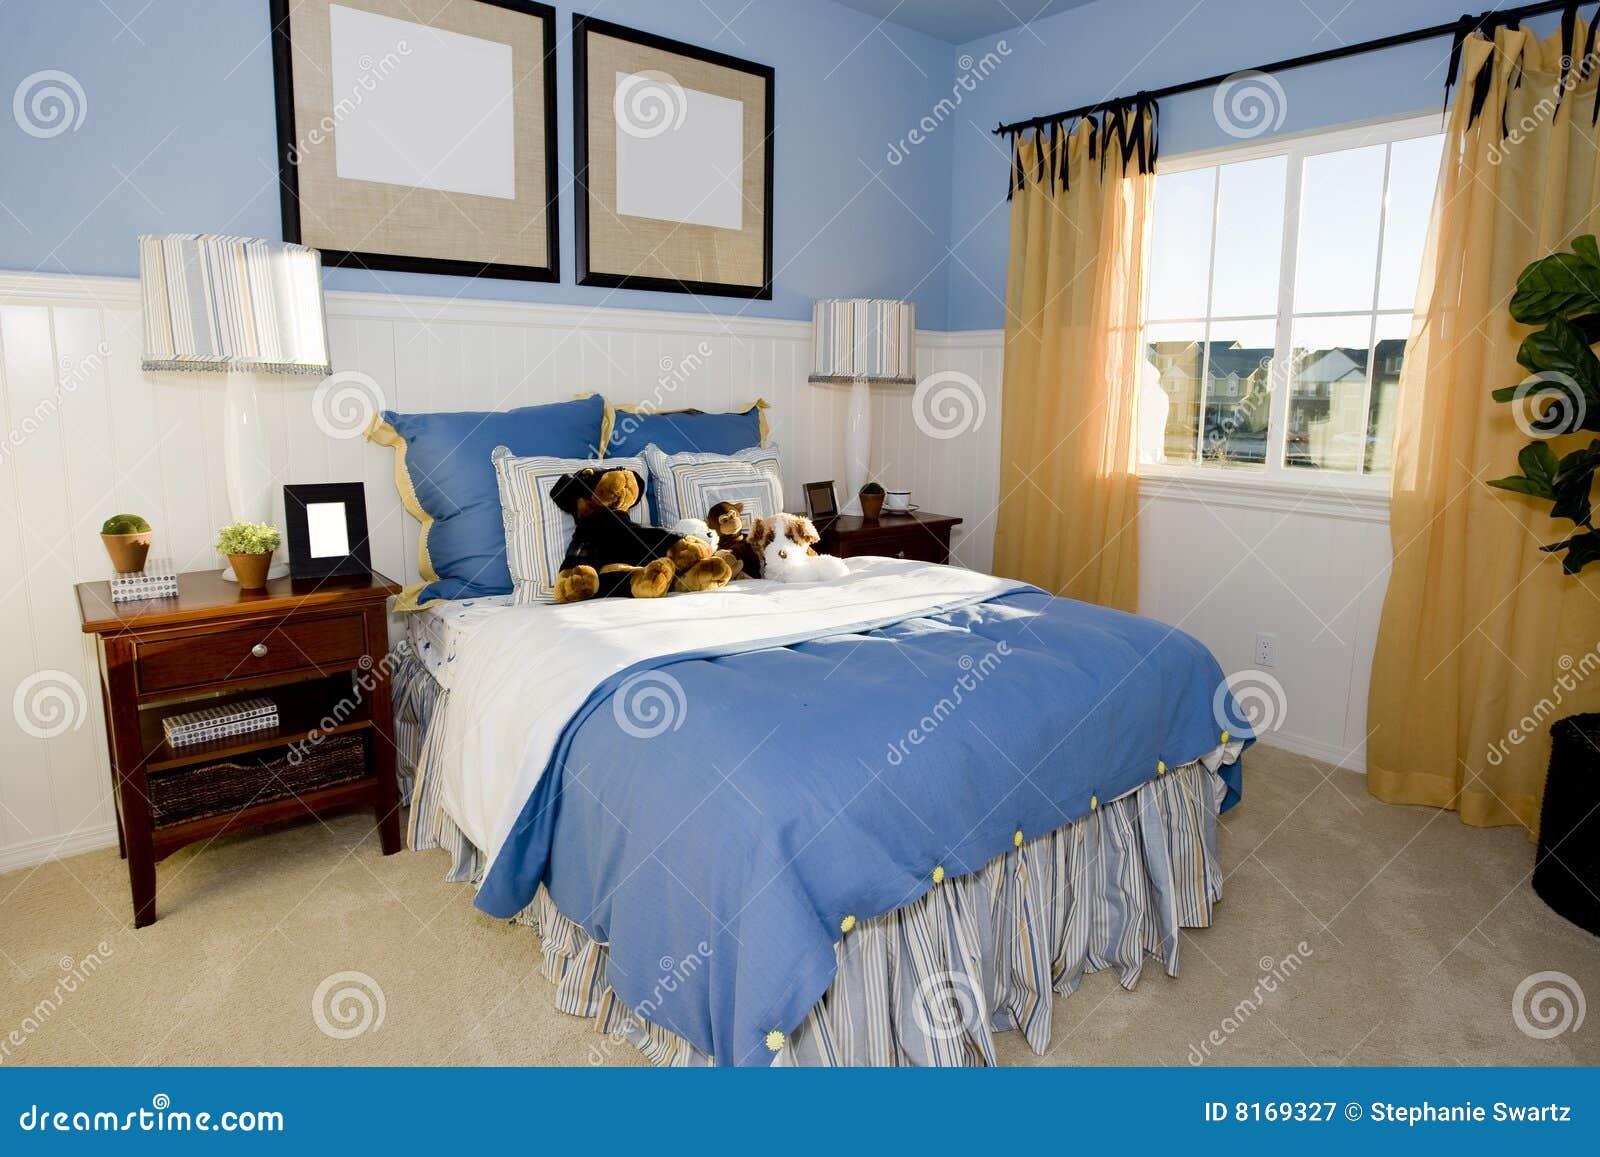 Ragazza s della camera da letto immagine stock immagine - Camere da letto da ragazza ...